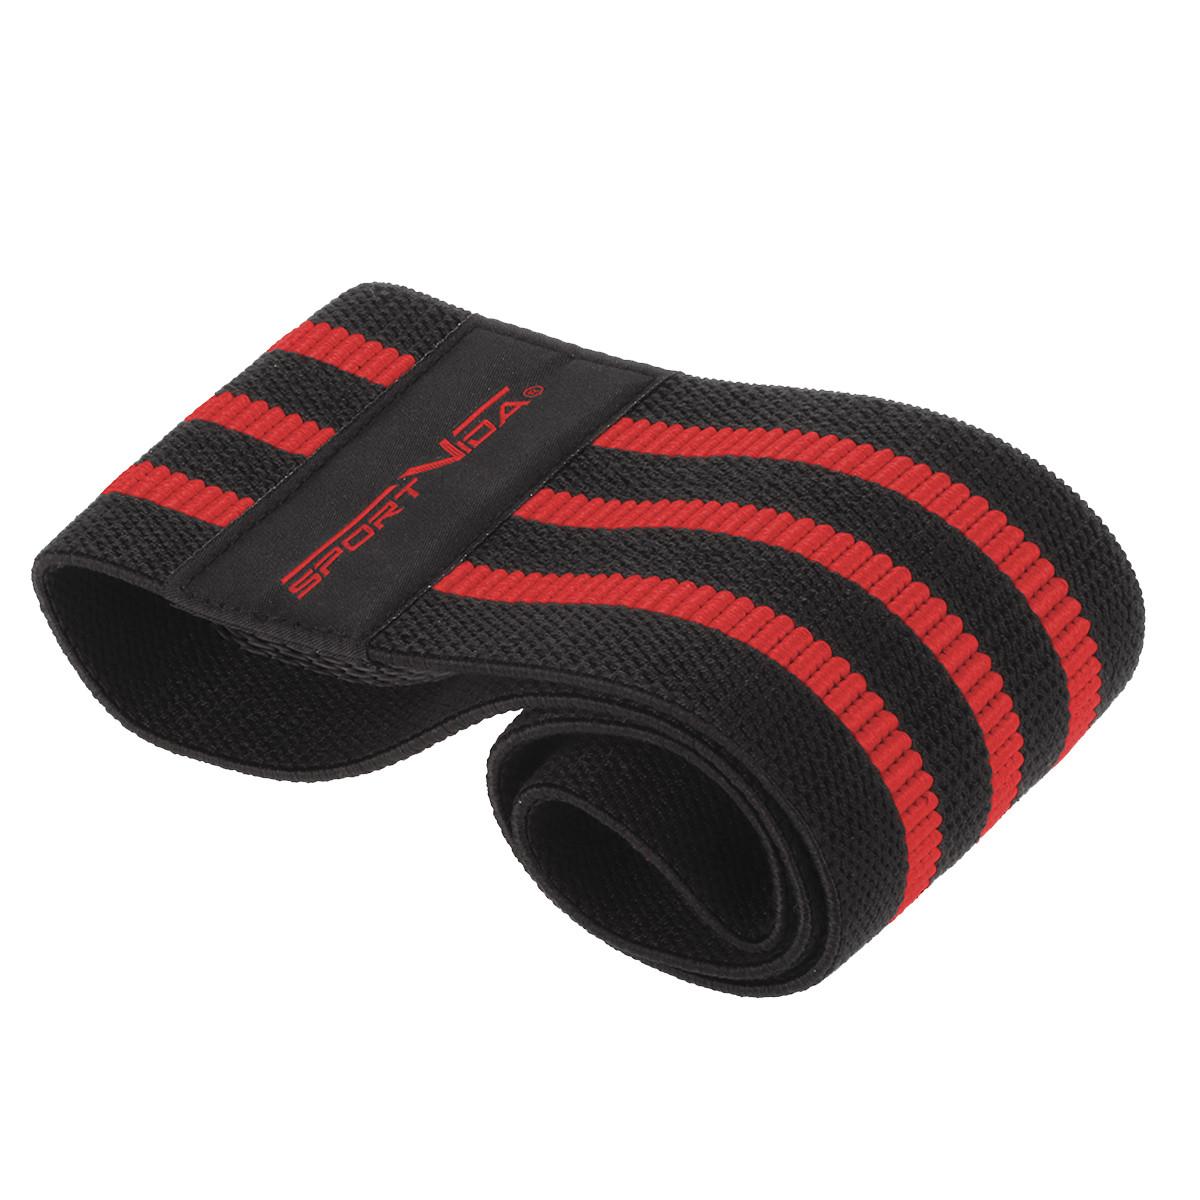 Гумка для фітнесу та спорту тканинна SportVida Hip Band Size S SV-HK0263